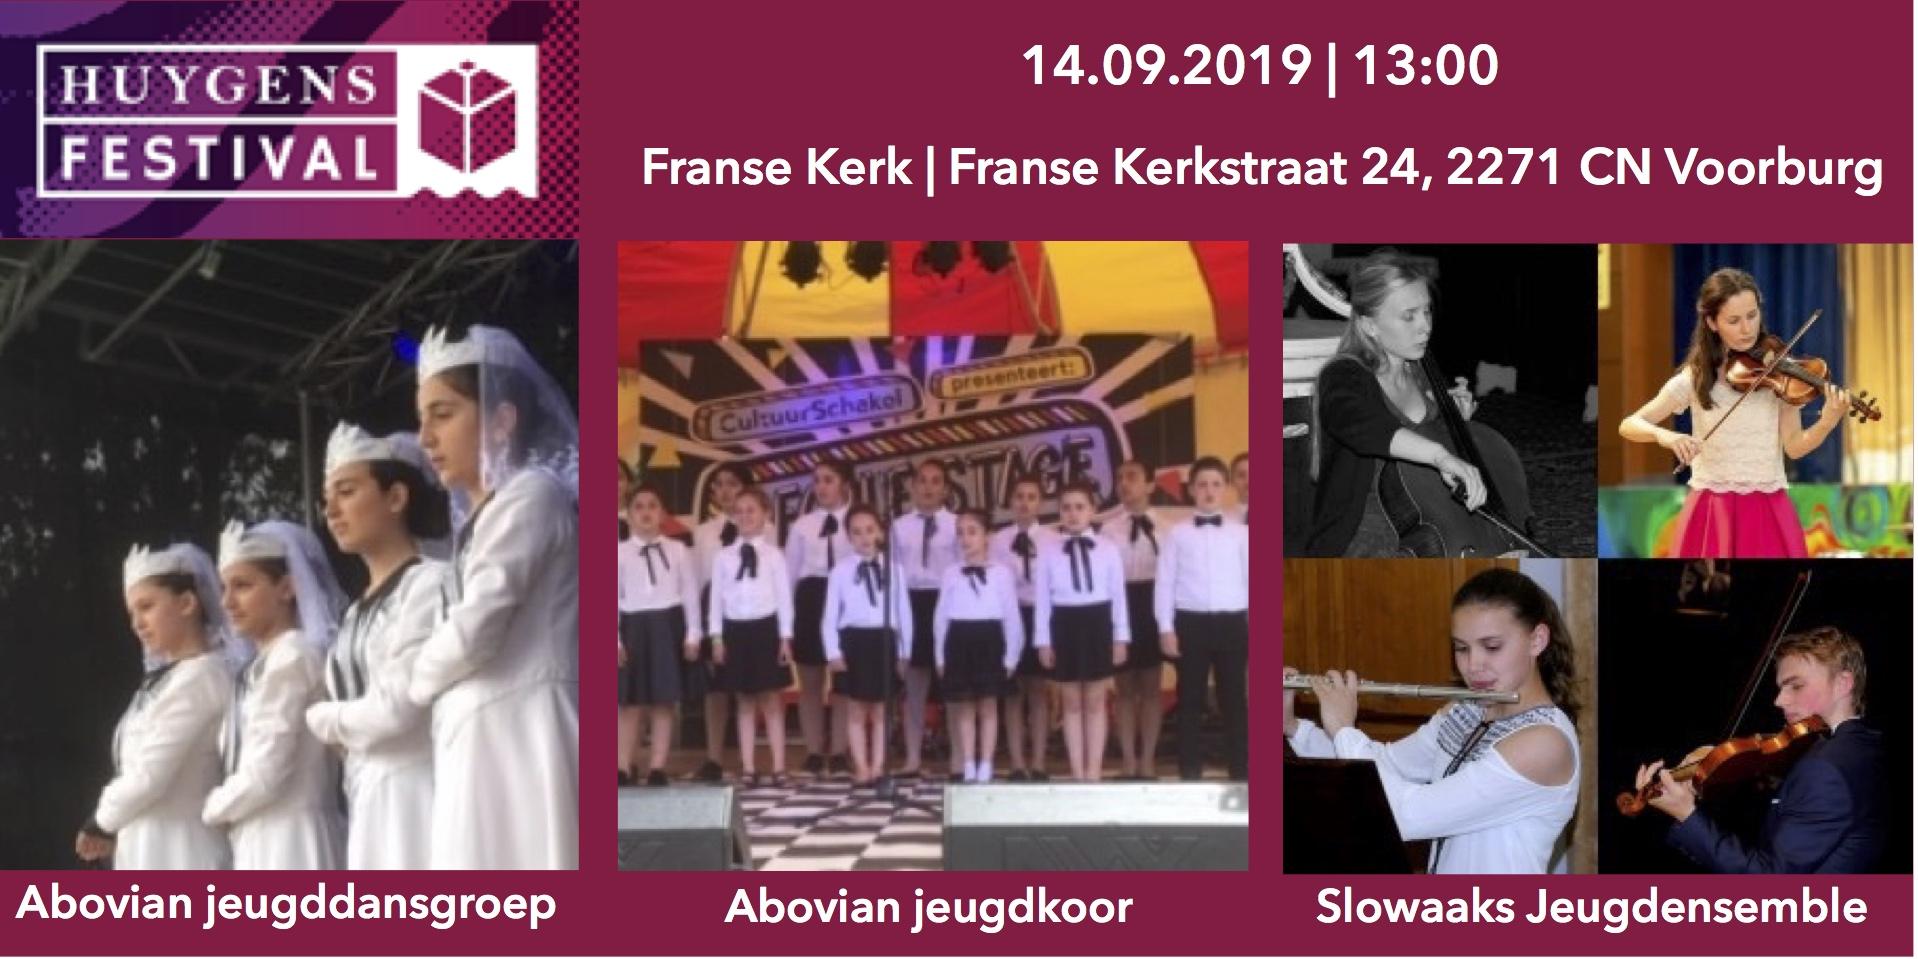 HuygensFest2019